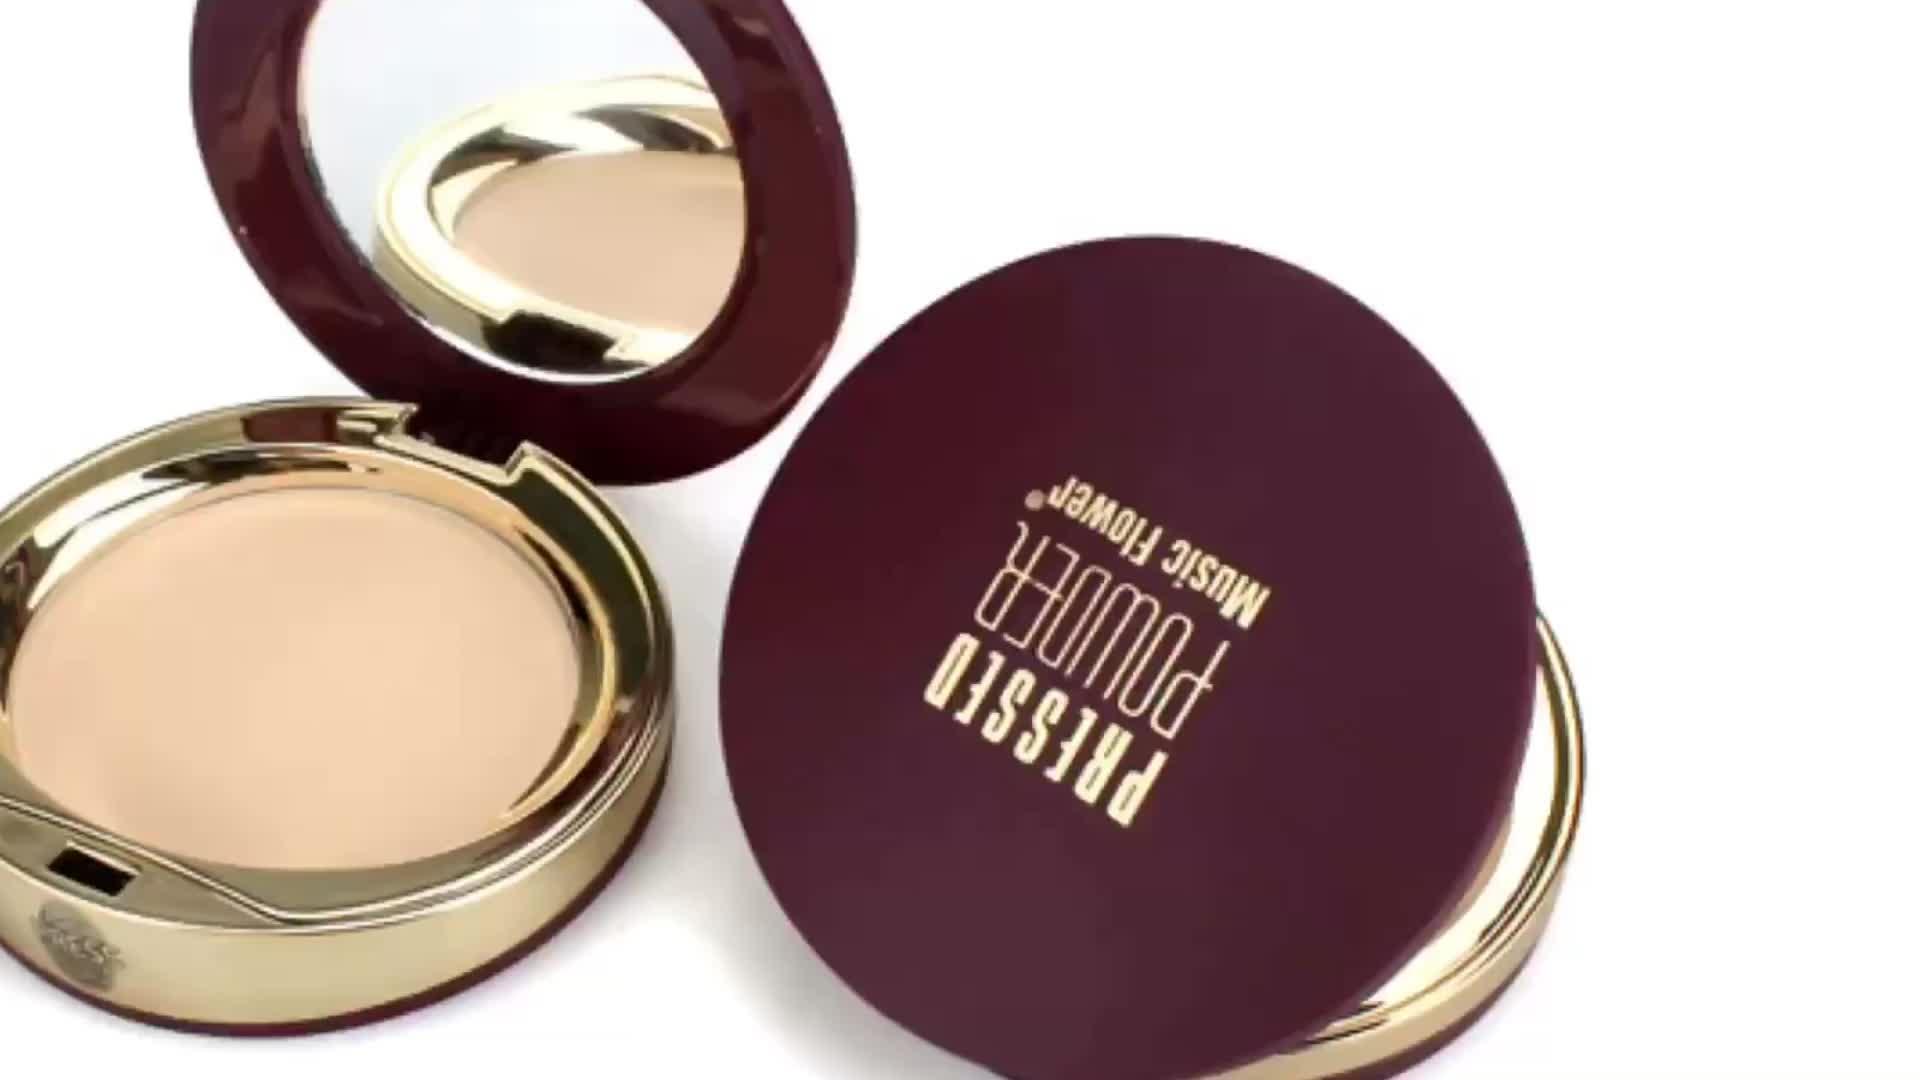 Music Flower Oil Control Face Cream Contour Palette Makeup Set Mineral Pressed face powder